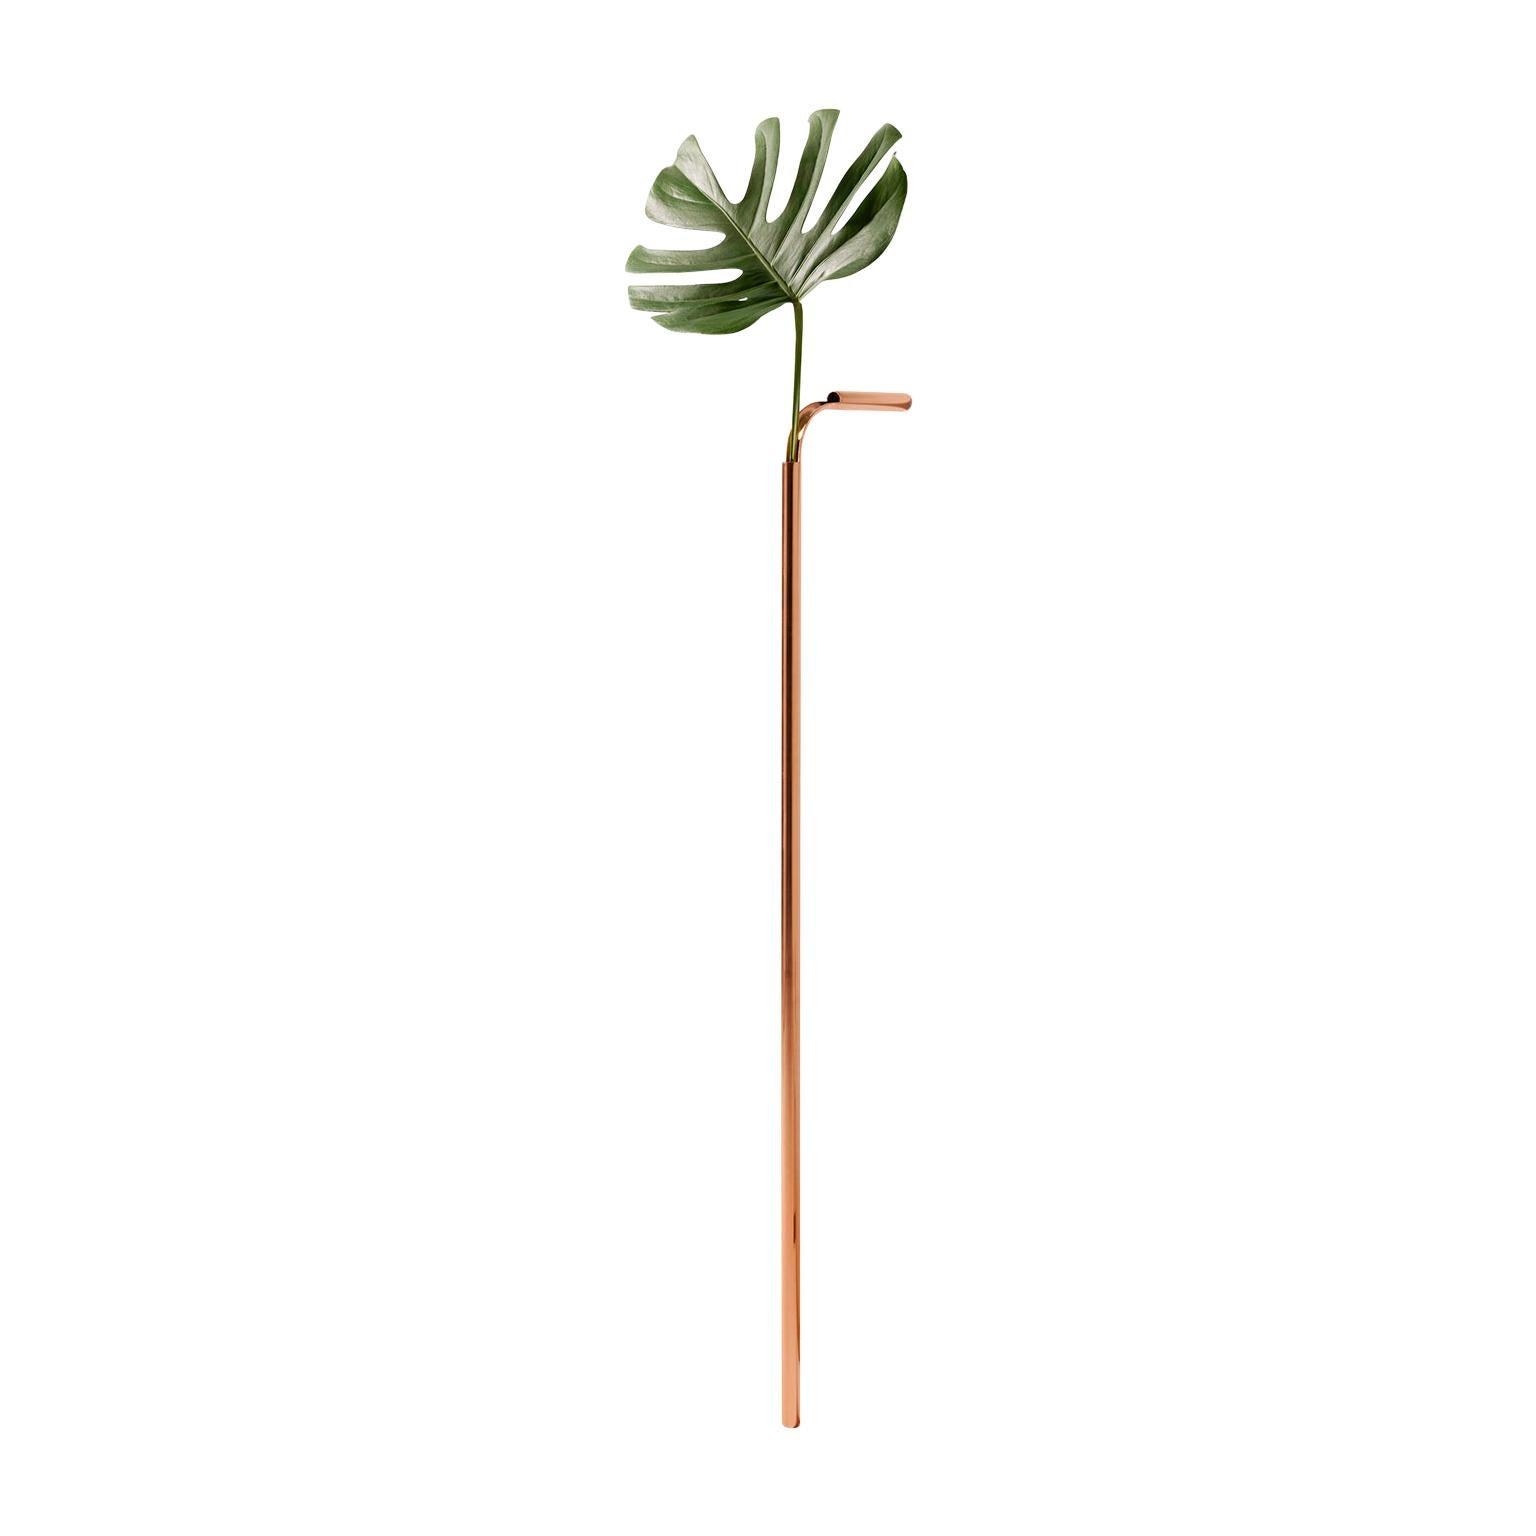 Solo Vase in Copper by Wentz, Brazilian Contemporary Design